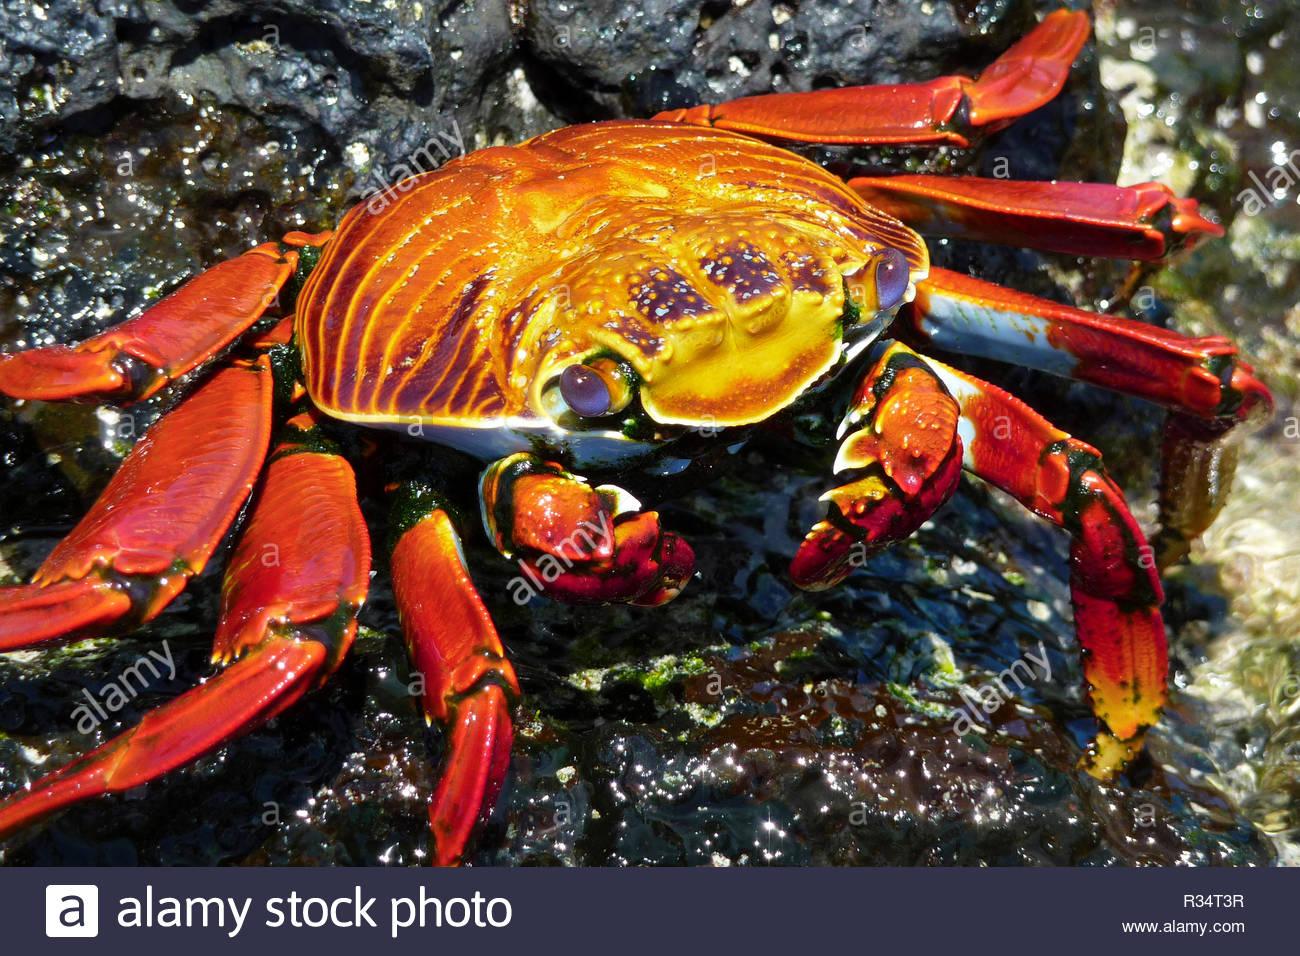 Sally lightfoot crab (Grapsus grapsus), North Seymour Island, Galapagos Islands, Ecuador - Stock Image